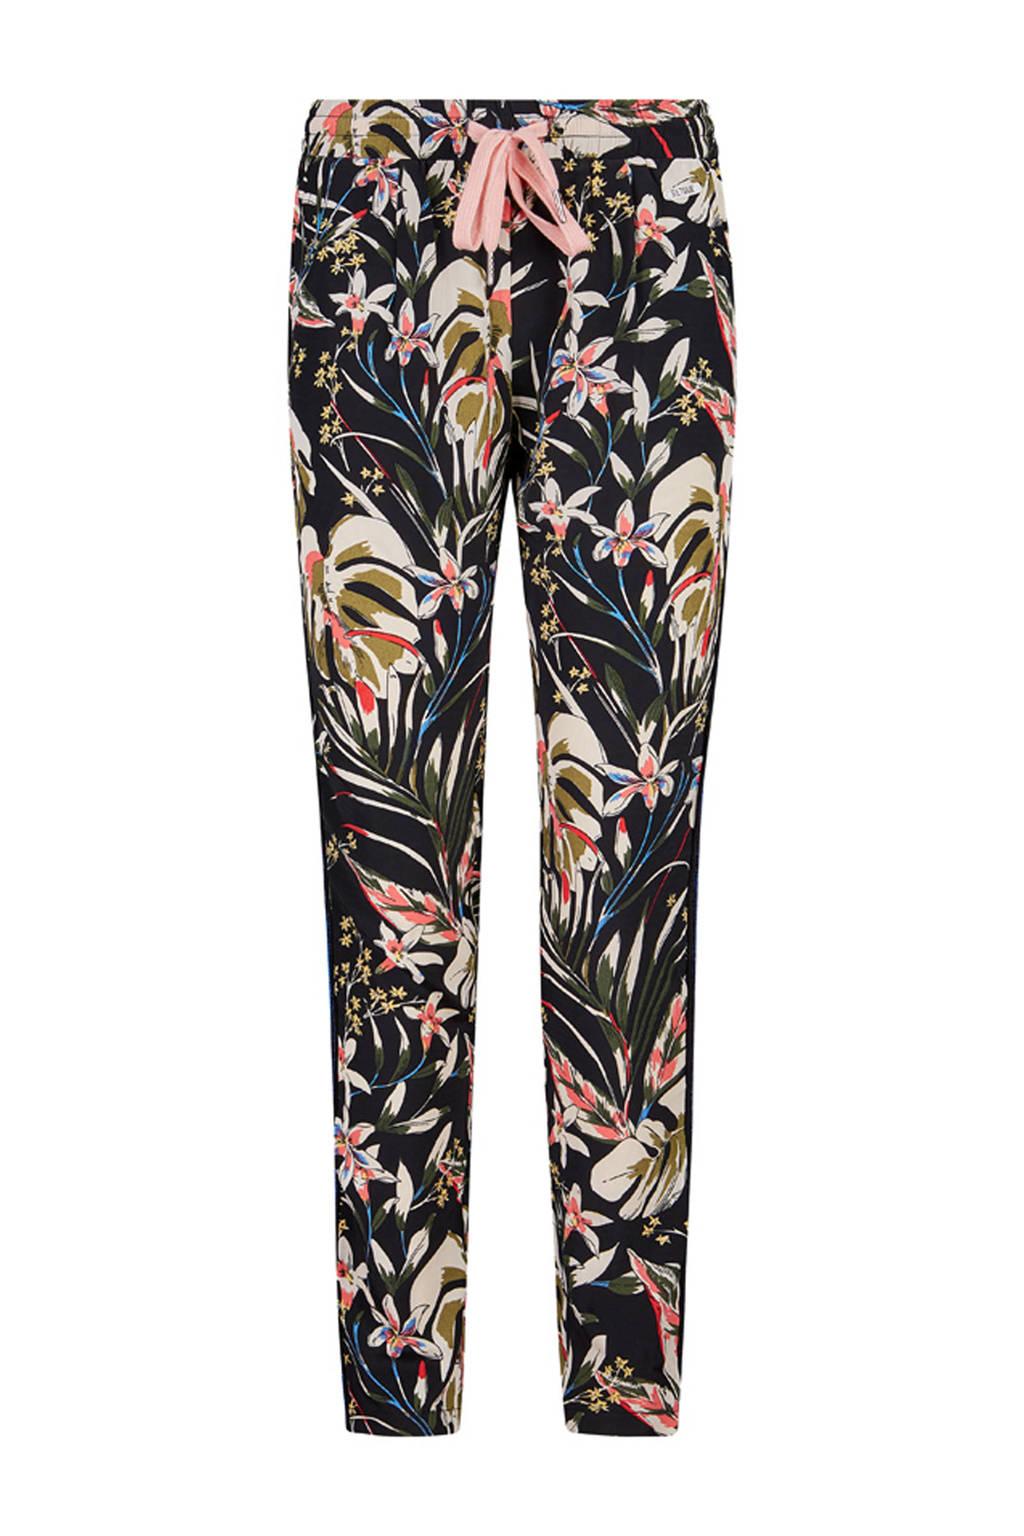 Retour Denim gebloemde loose fit broek Adele met zijstreep zwart/ecru/roze, Zwart/ecru/roze